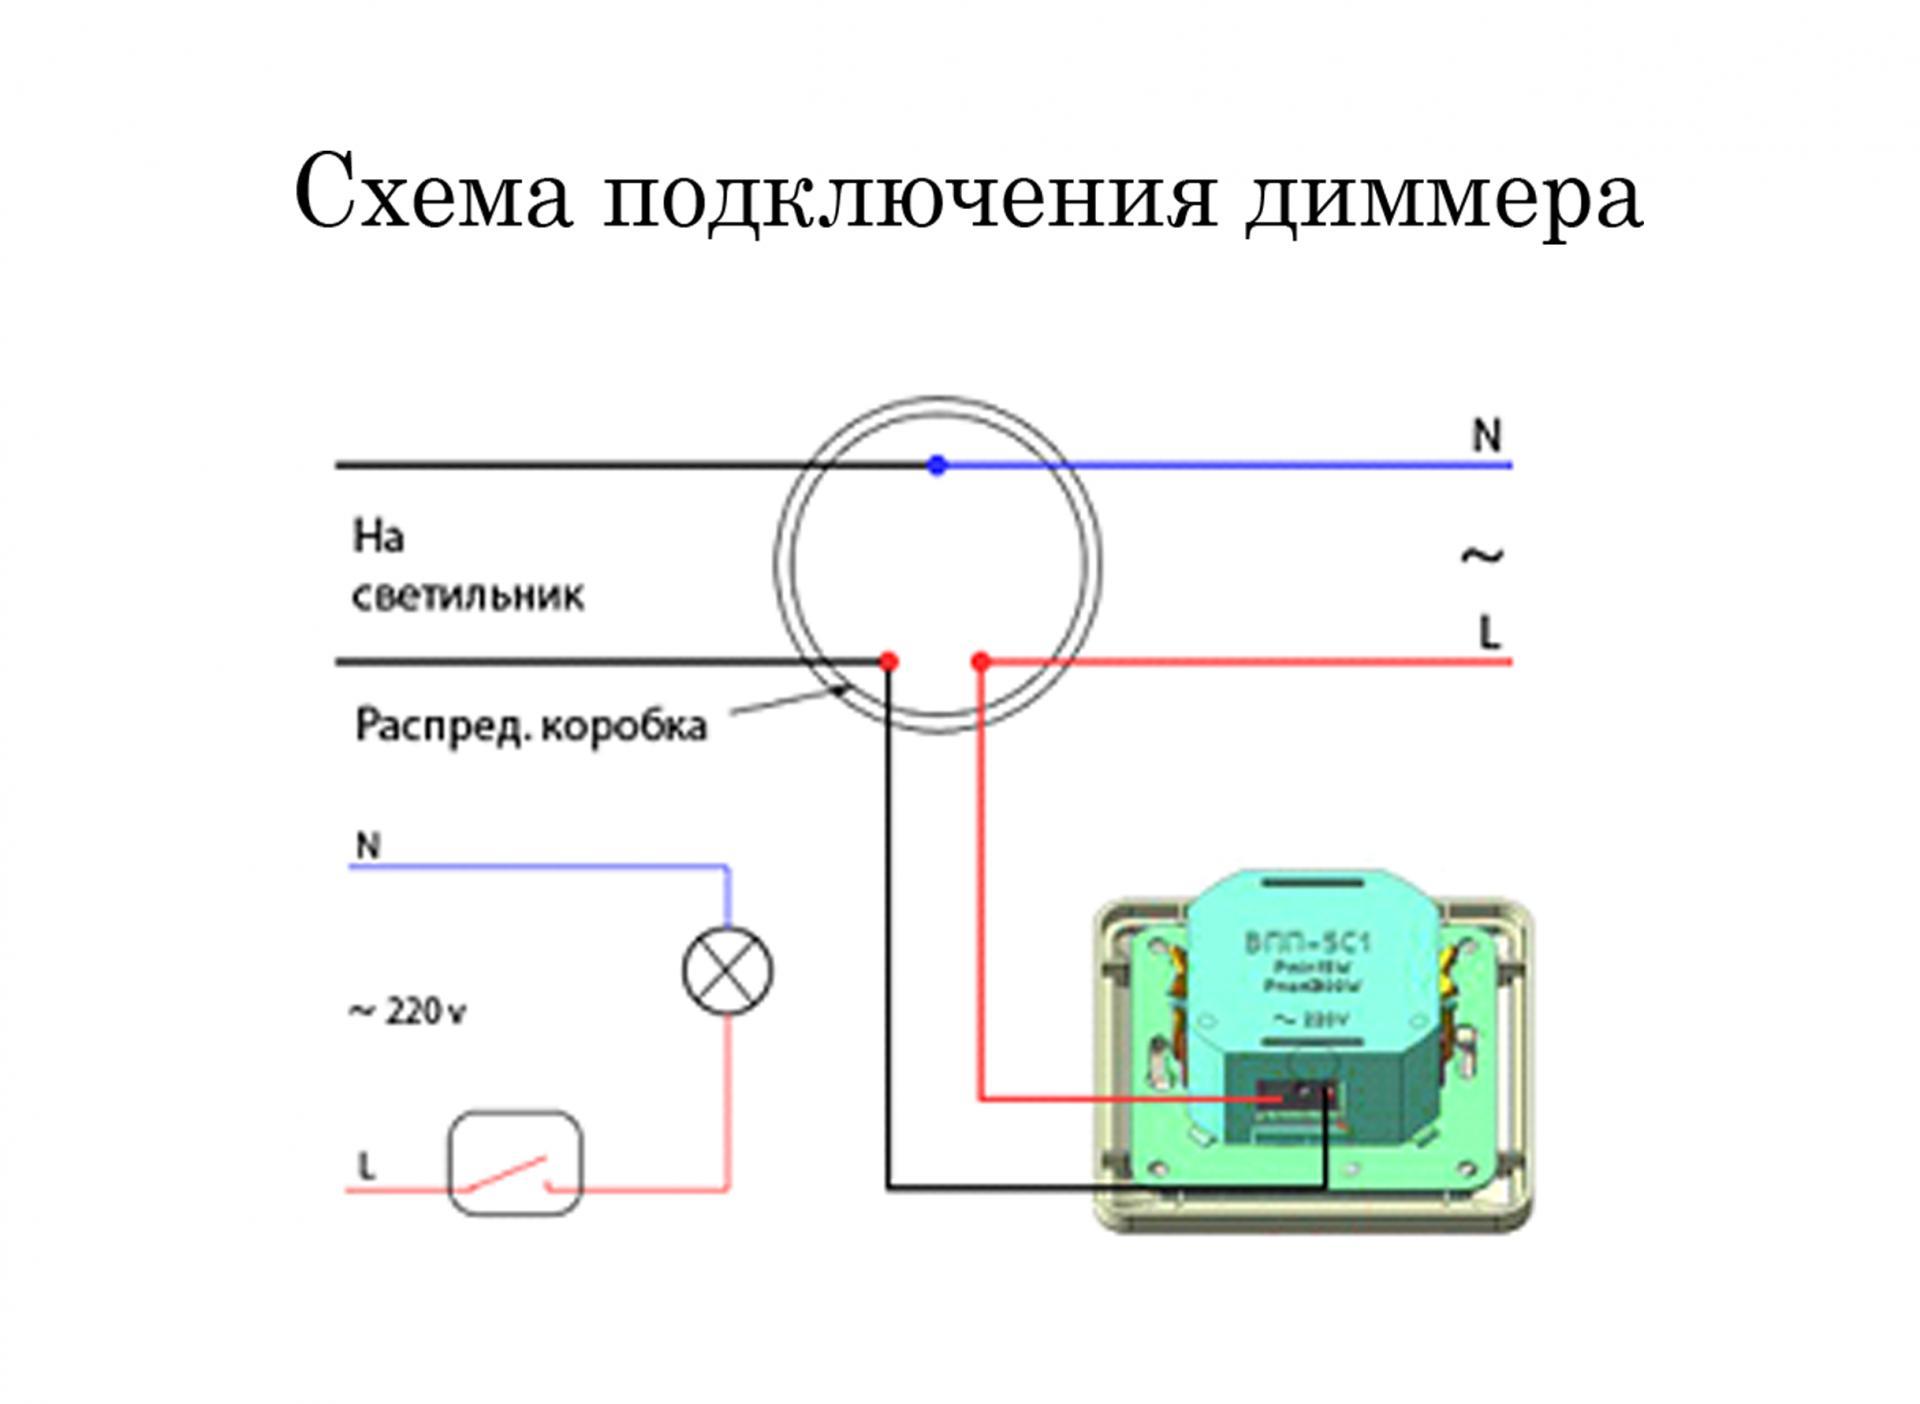 Схема подключения 12 вольтовой лампы о